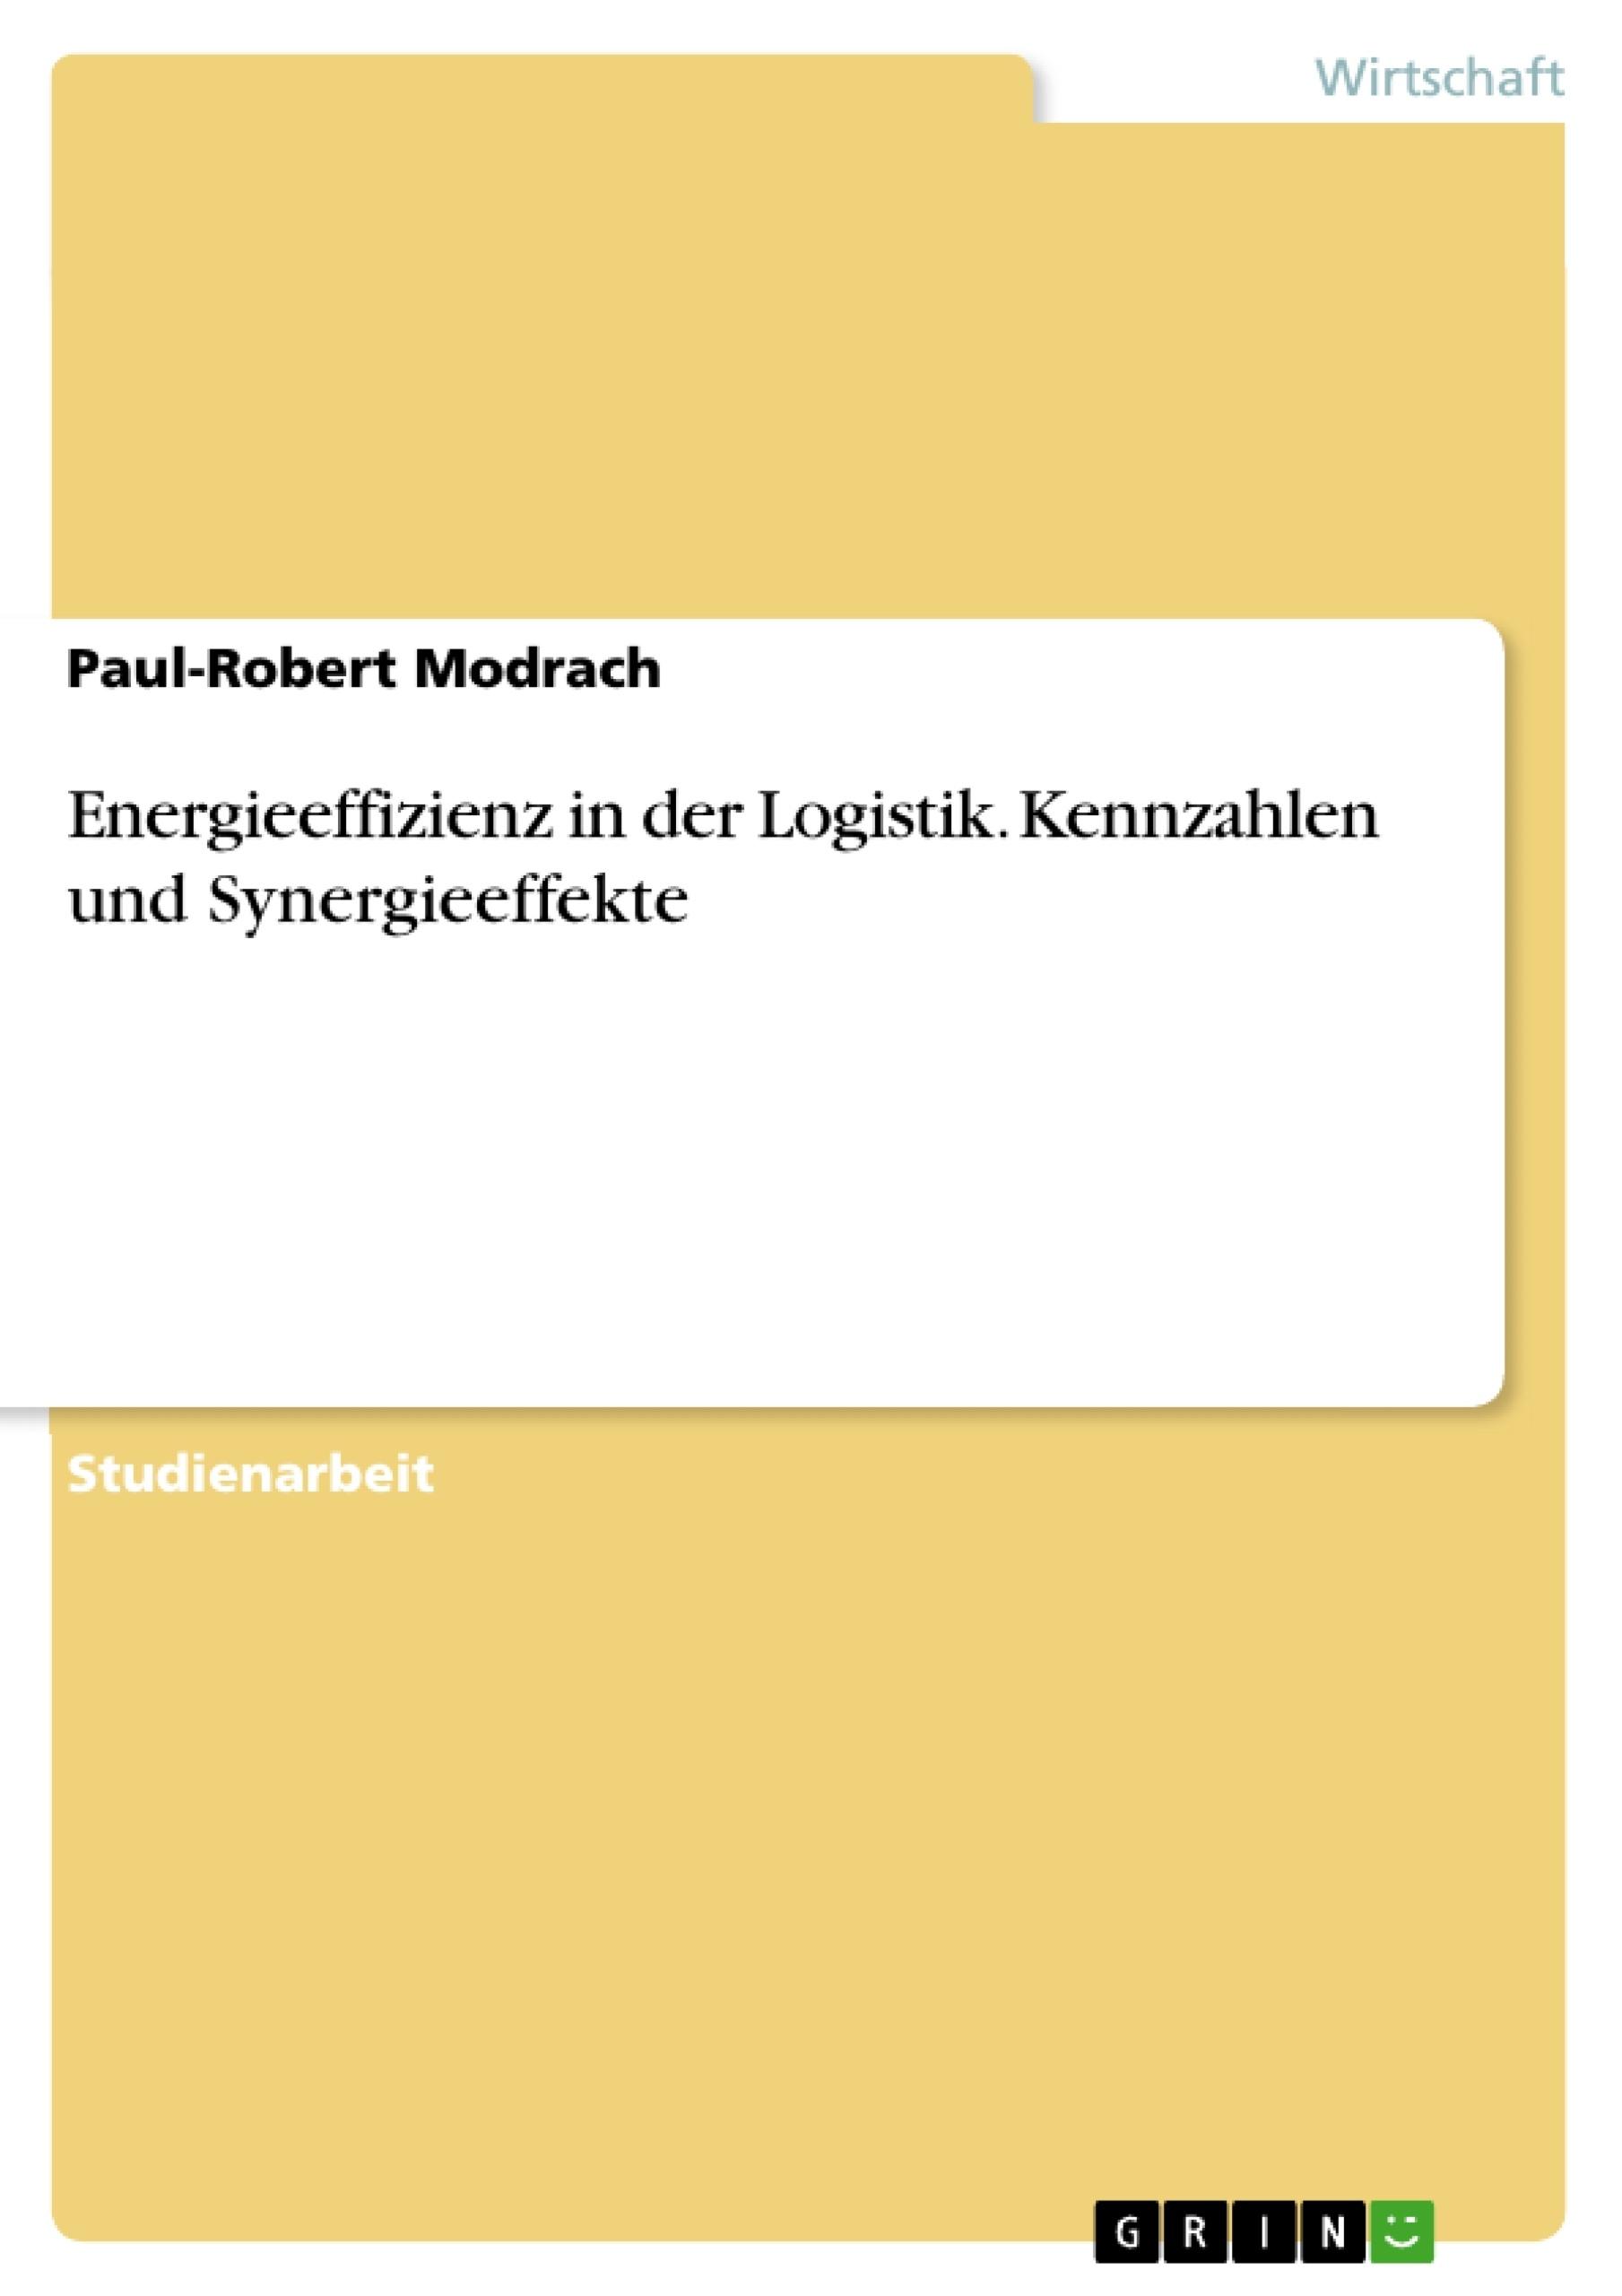 Titel: Energieeffizienz in der Logistik. Kennzahlen und Synergieeffekte